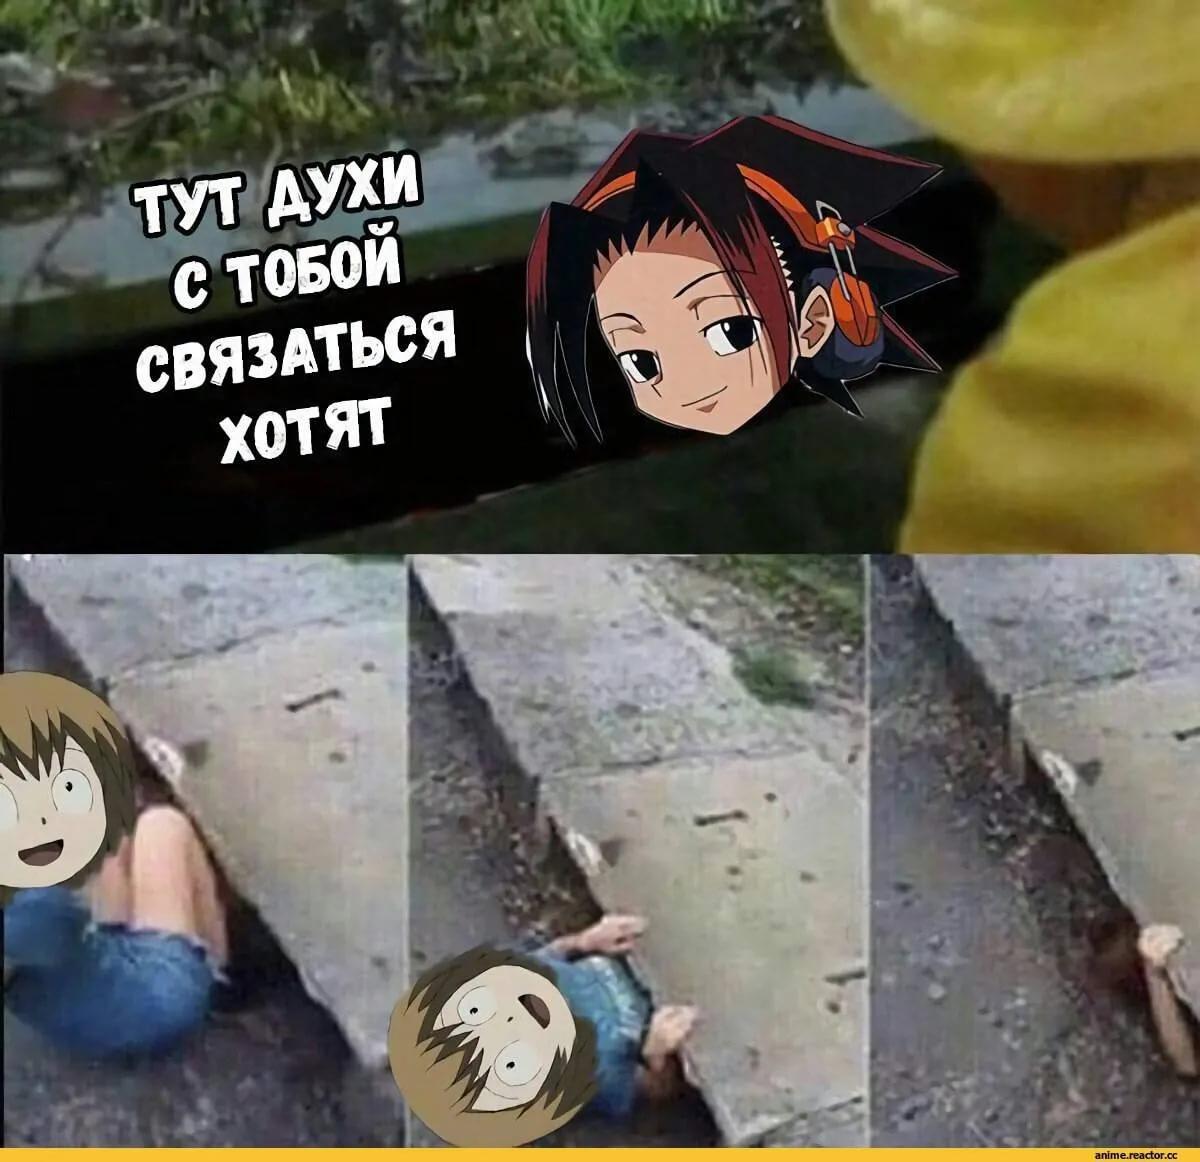 Интересные аниме мемы на русском 6